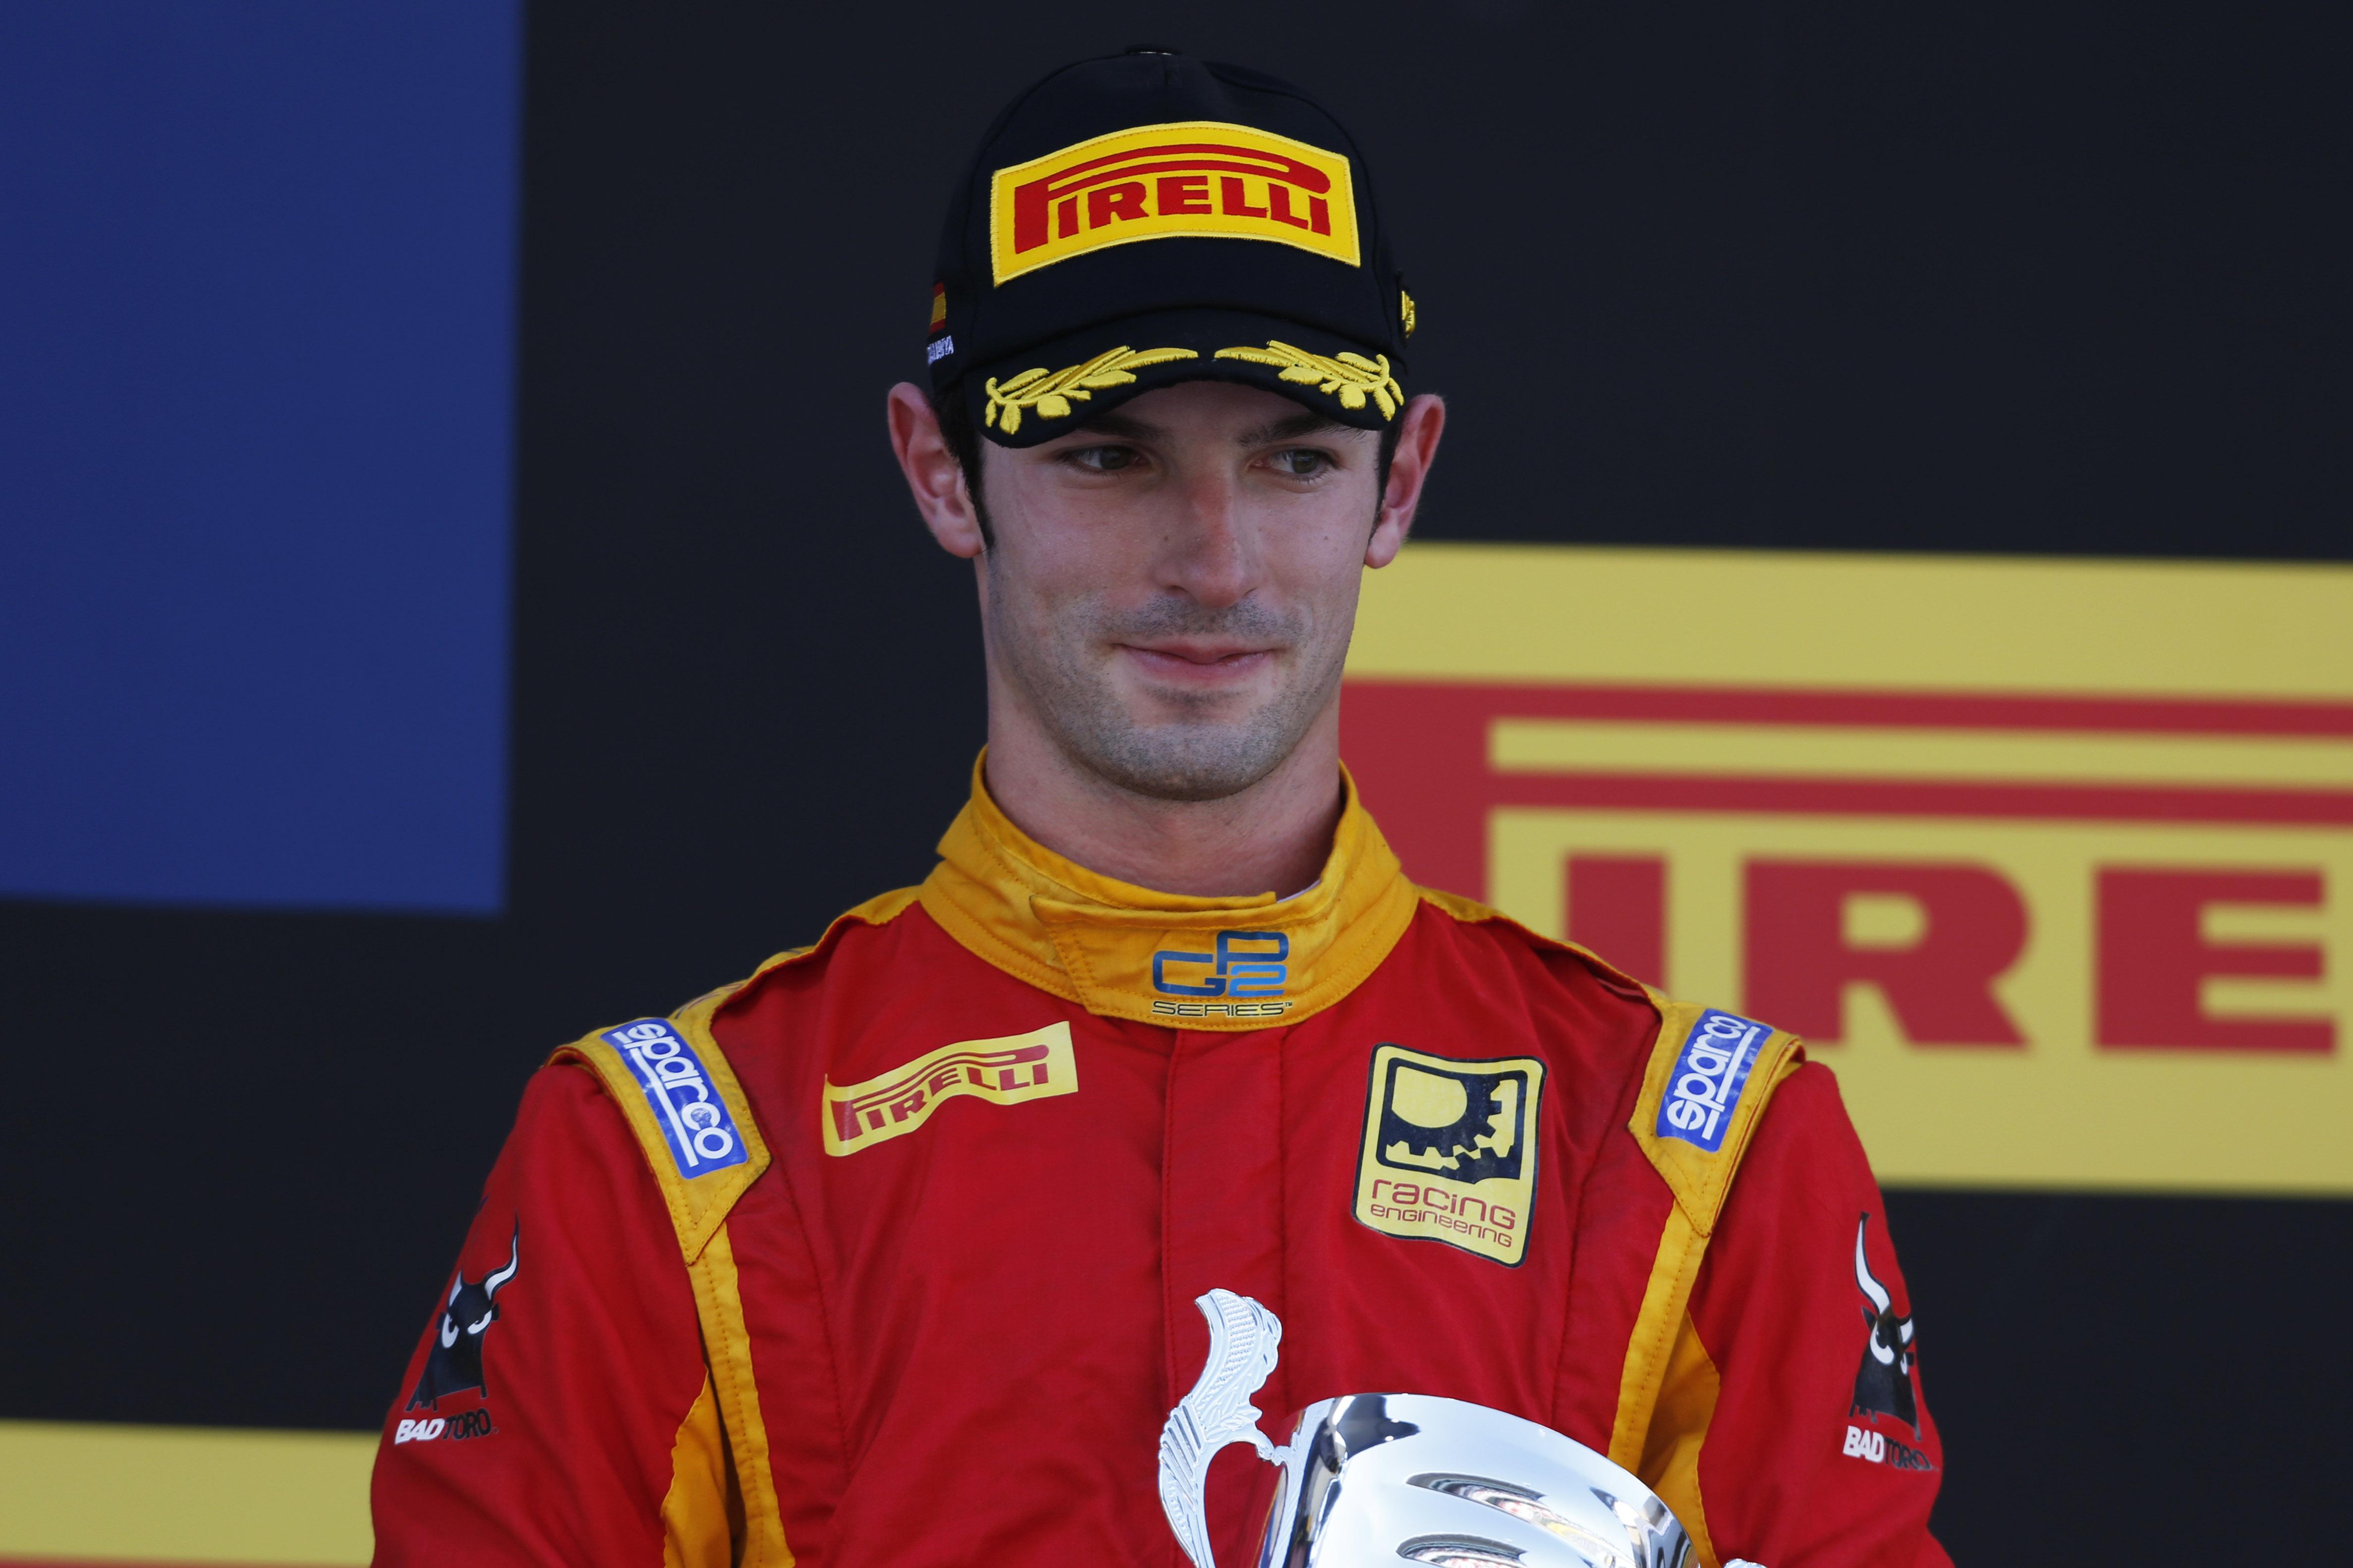 © GP2 - Rossi, du GP2 à la F1